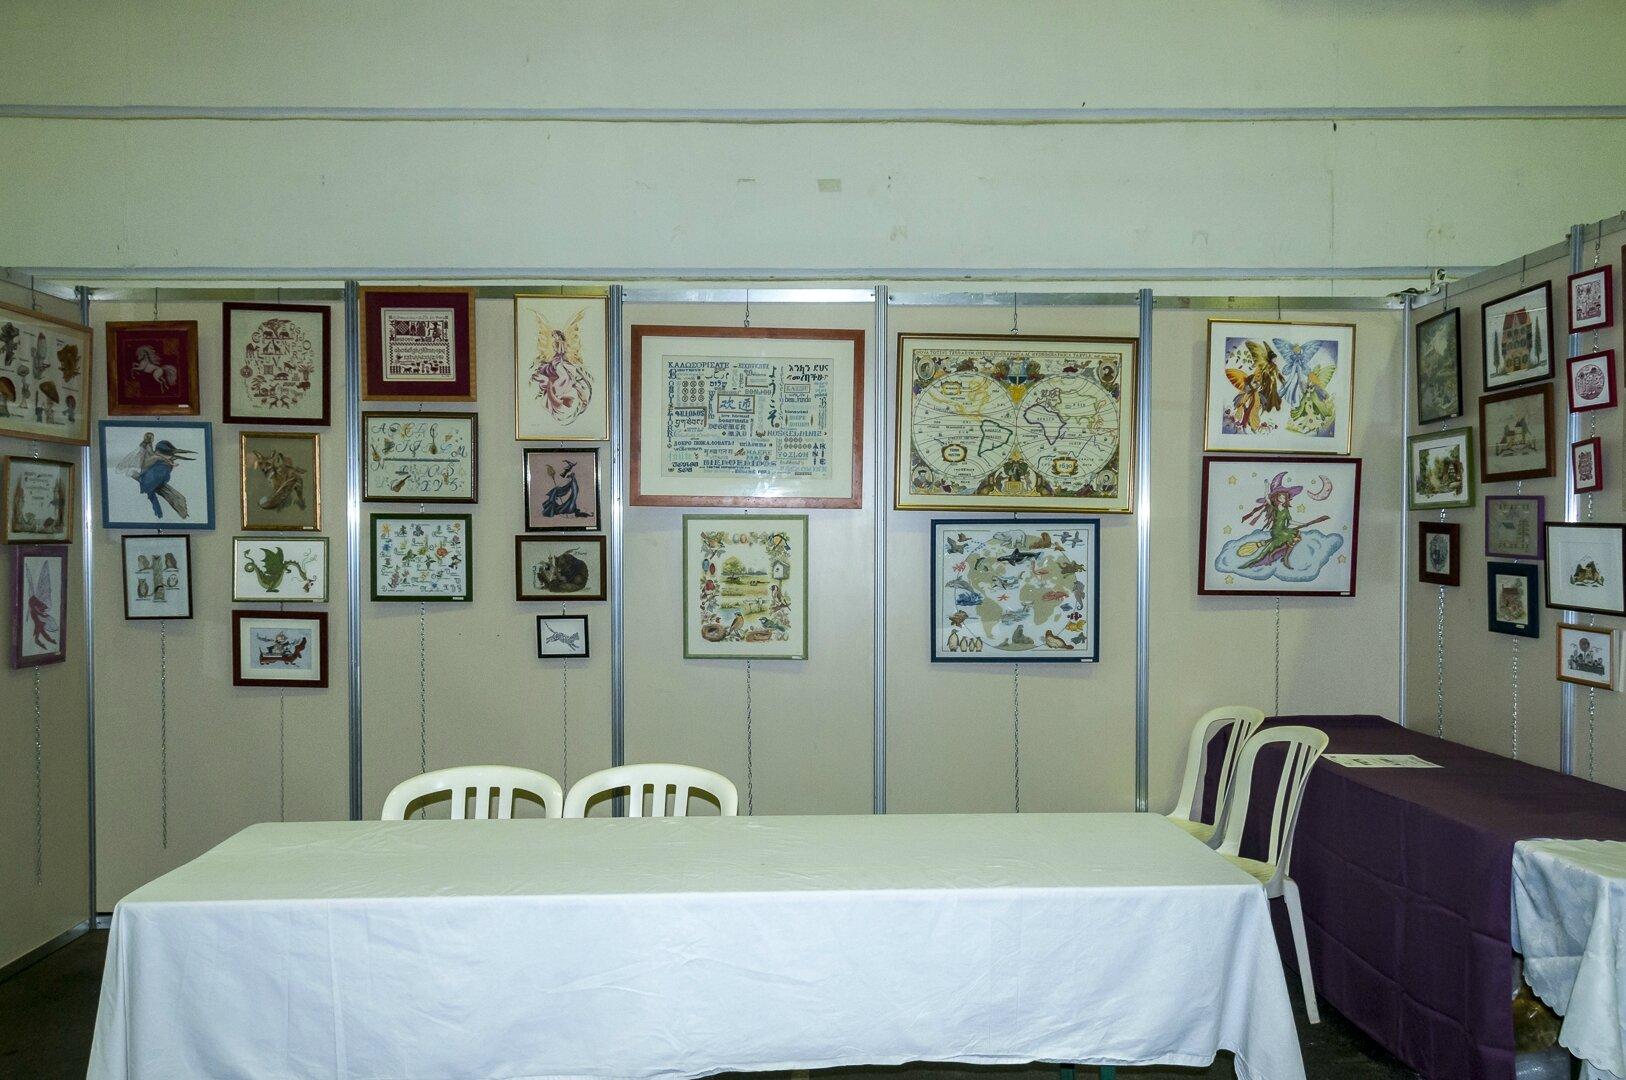 2016-12-02_19-53-32_Club de broderie La Pépinière-Les fils croisés en Béarn